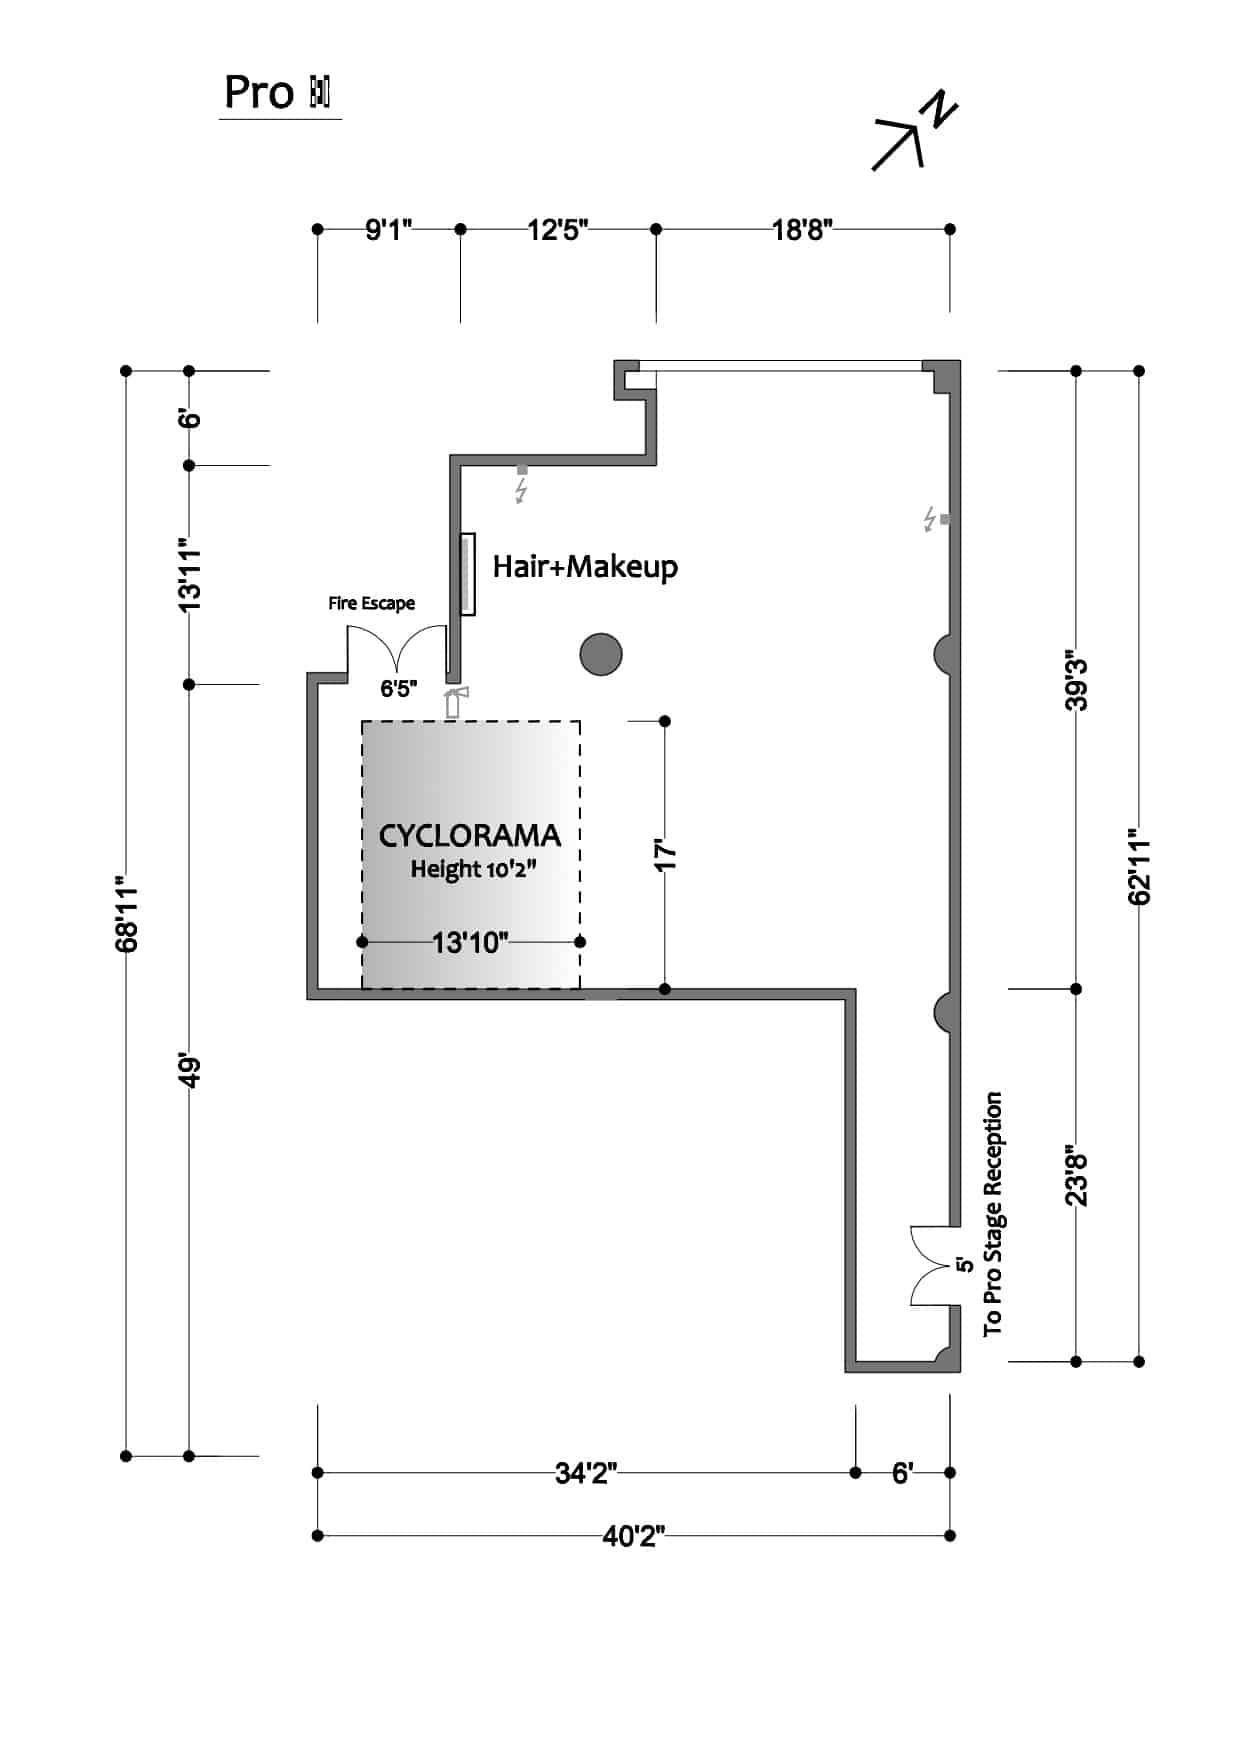 FD Studios - Pro II - floor plan